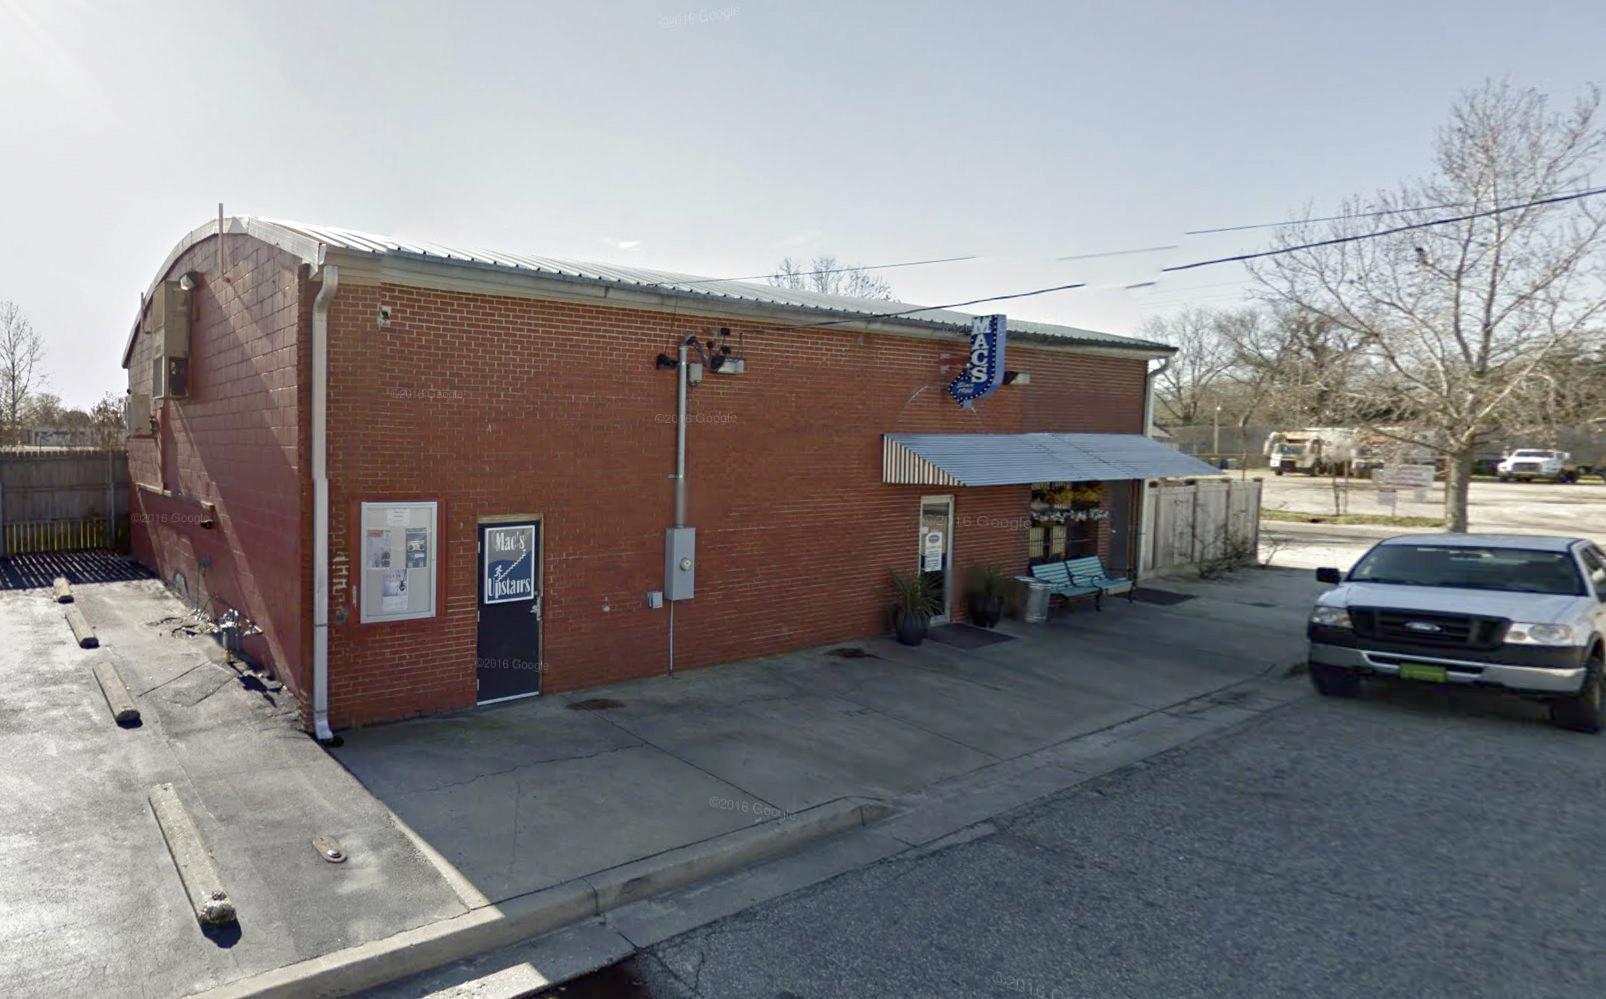 2 dead, 7 injured in shooting at South Carolina bar